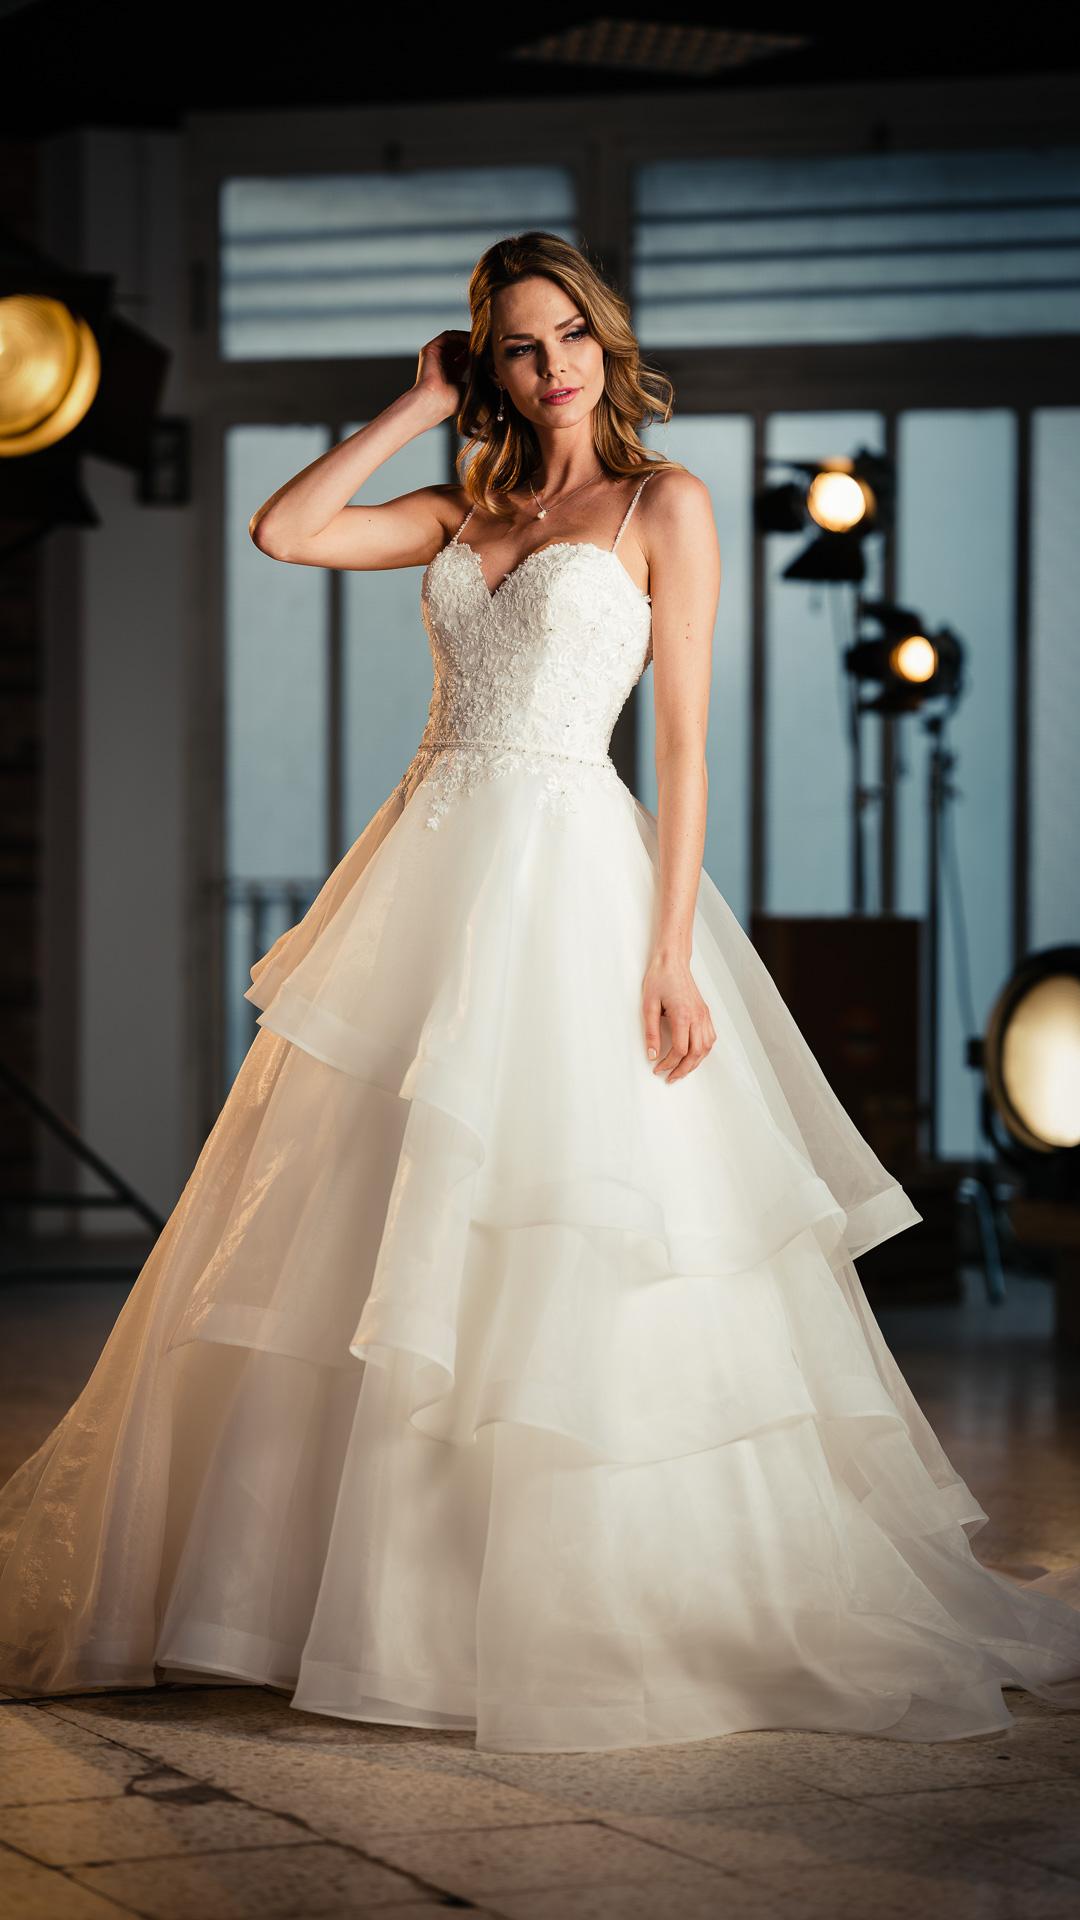 Kollektion 2021 Brautkleid 6705 von DMY